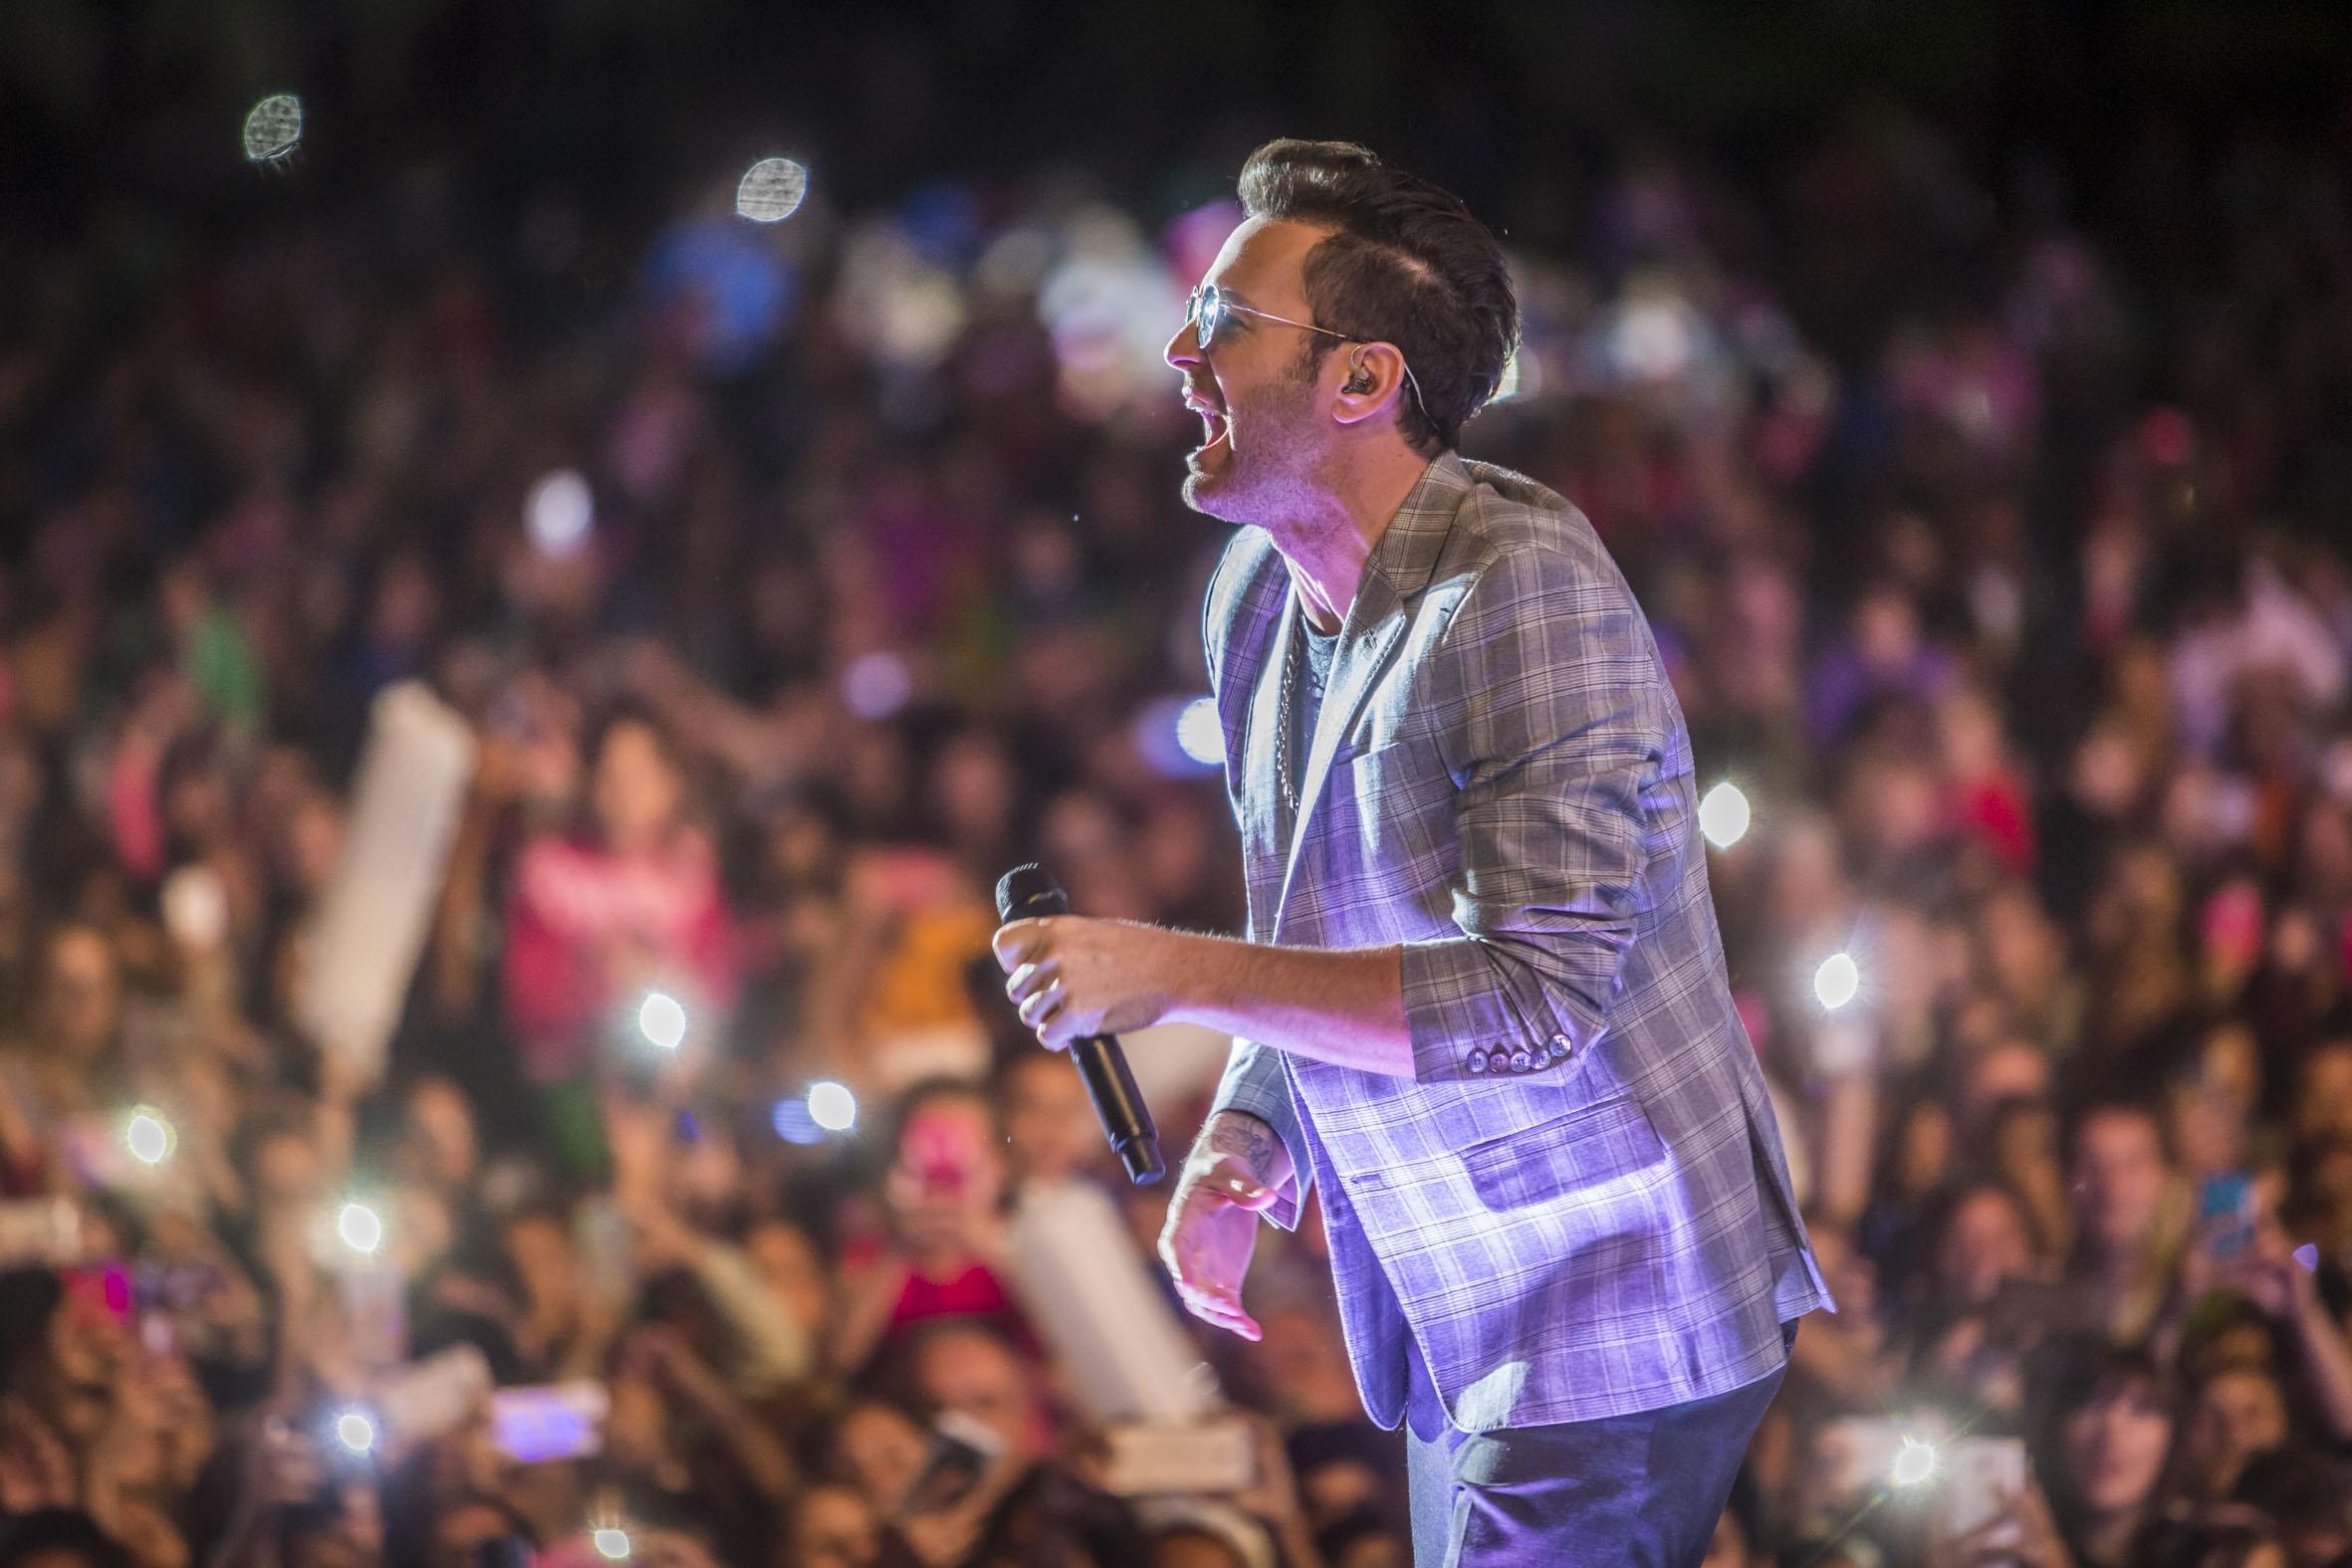 Axel cantó ante una multitud en Parque Camet, en el ciclo de recitales de Acercarte